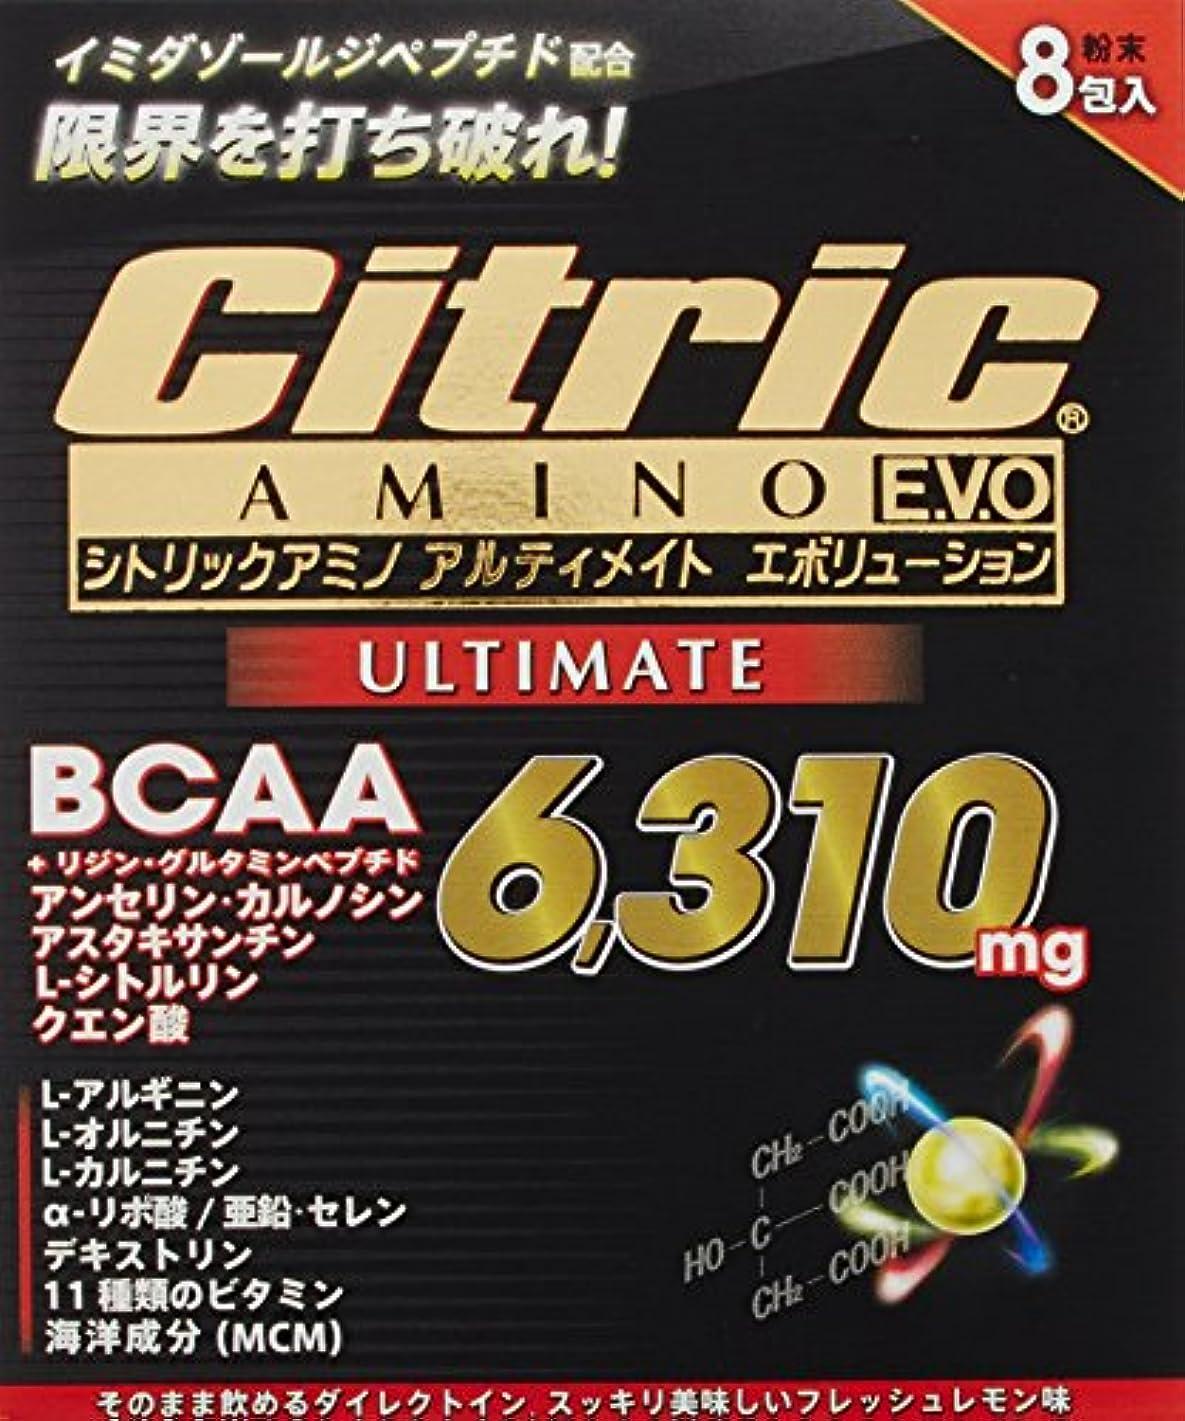 宿命性差別弾丸シトリックアミノ(Citric AMINO) (アスリート向け) アルティメイト エボリューション 7.5g×8袋入  5279